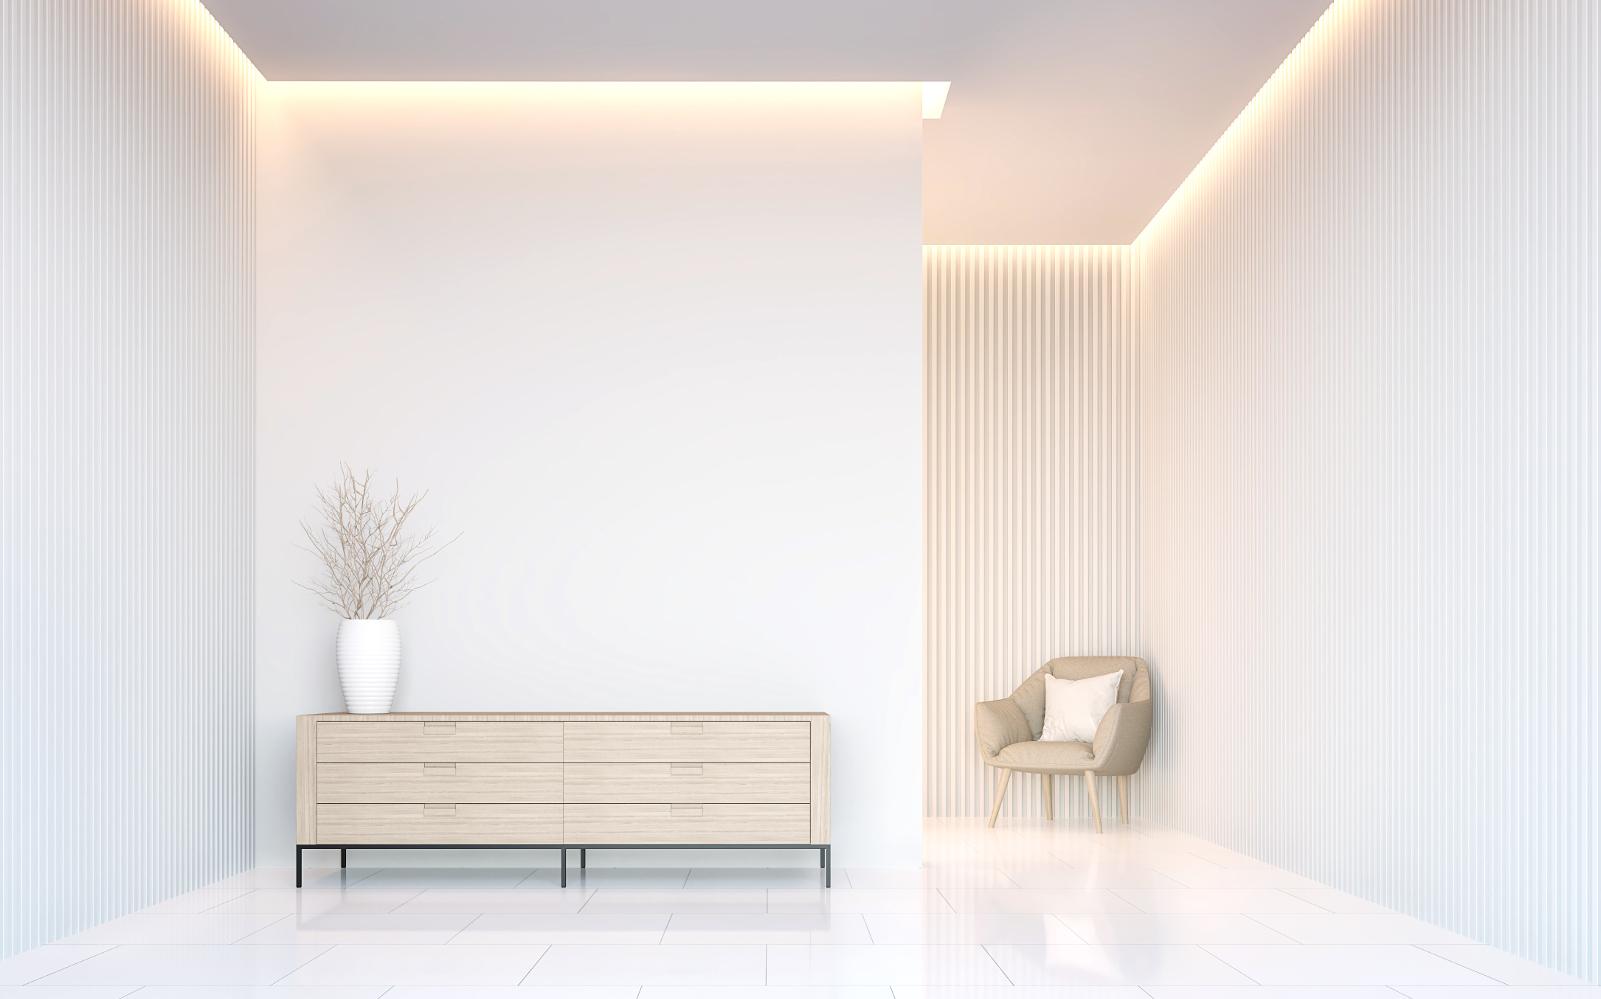 Dachschragen Ausleuchten 7 Tipps Fur Beleuchtung Im Dachgeschoss